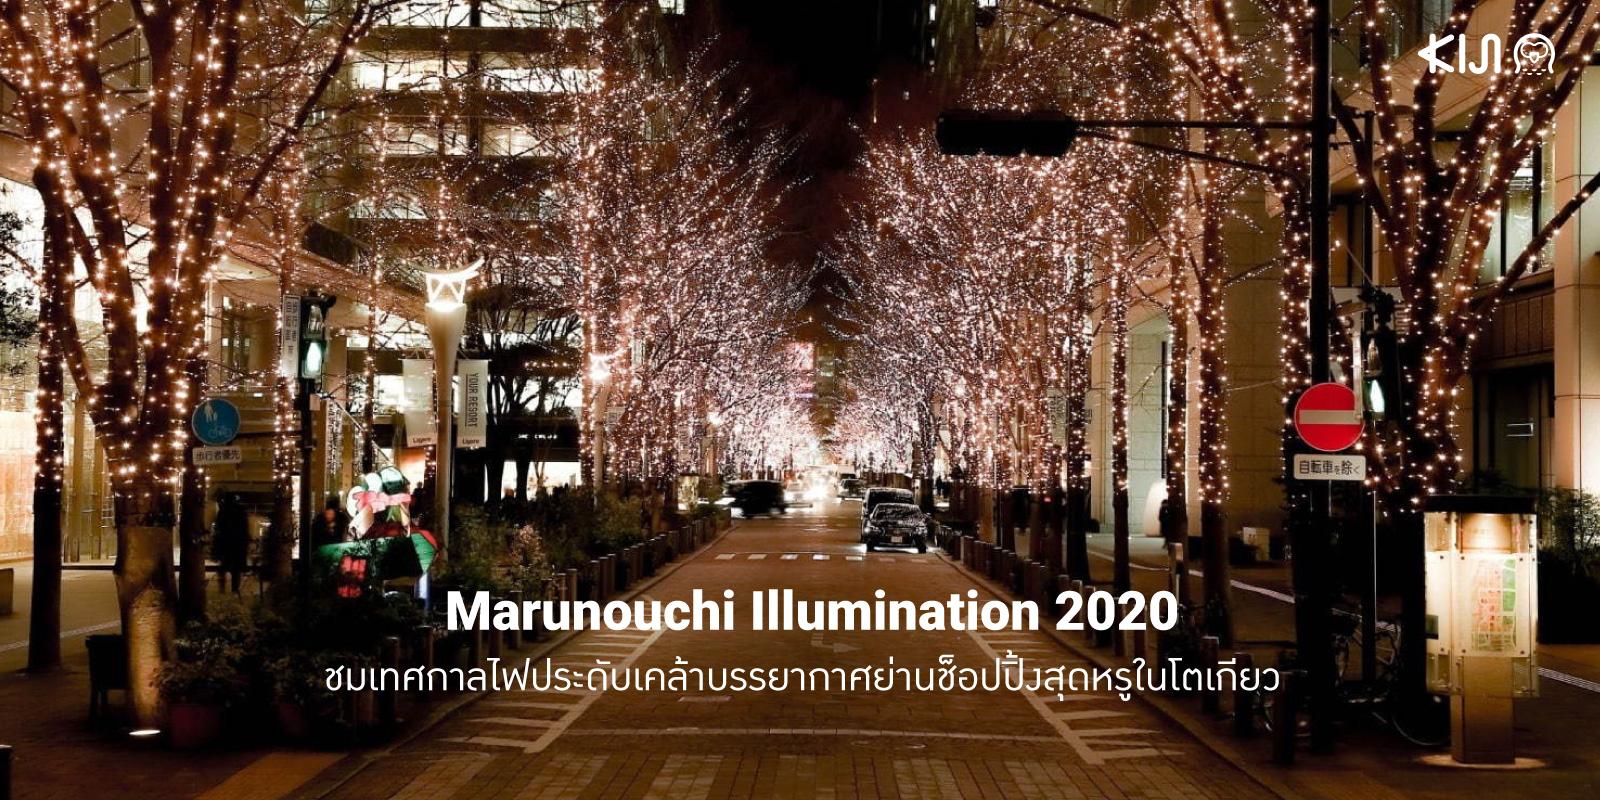 งานเทศกาลประดับไฟ Marunouchi Illumination 2020 ที่จัดขึ้นในย่านมารุโนะอุจิ ย่านช็อปปิ้งแห่งกรุงโตเกียว